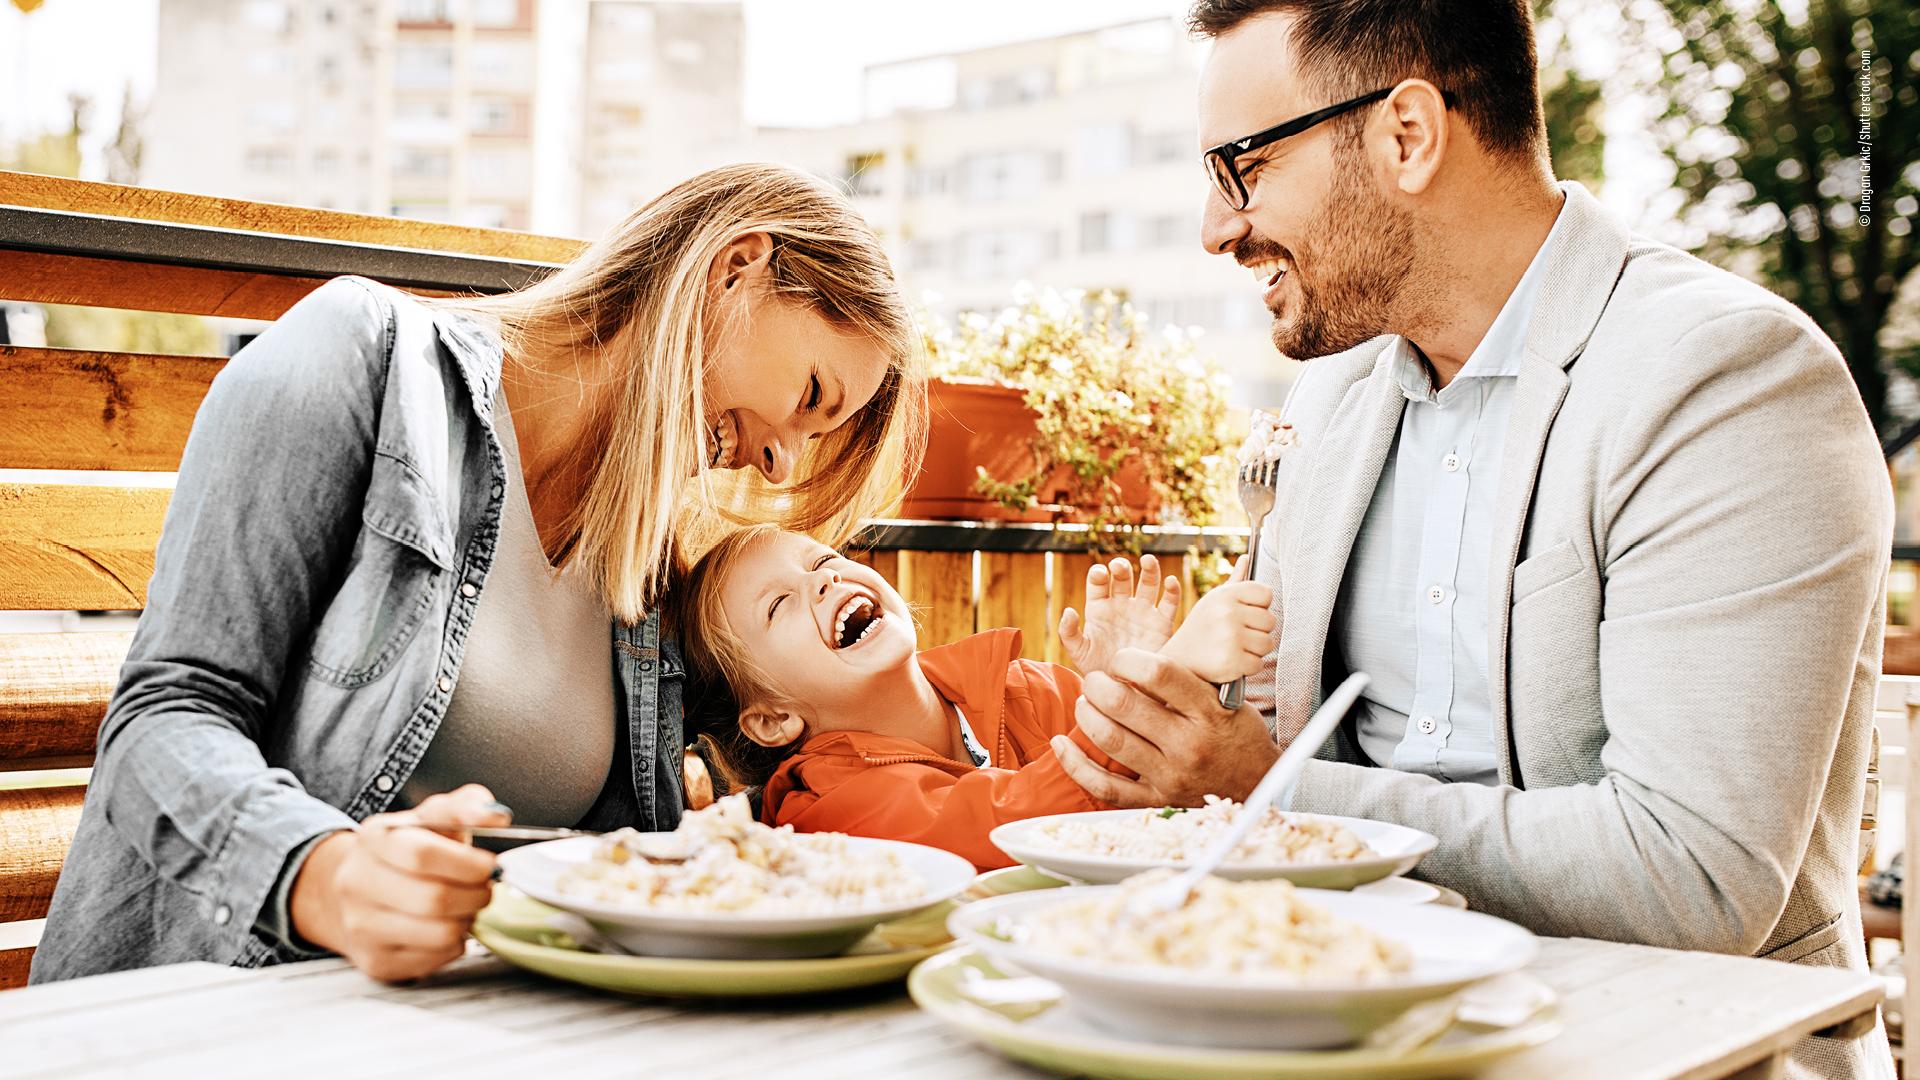 Essen_Wohlbefinden_Familie